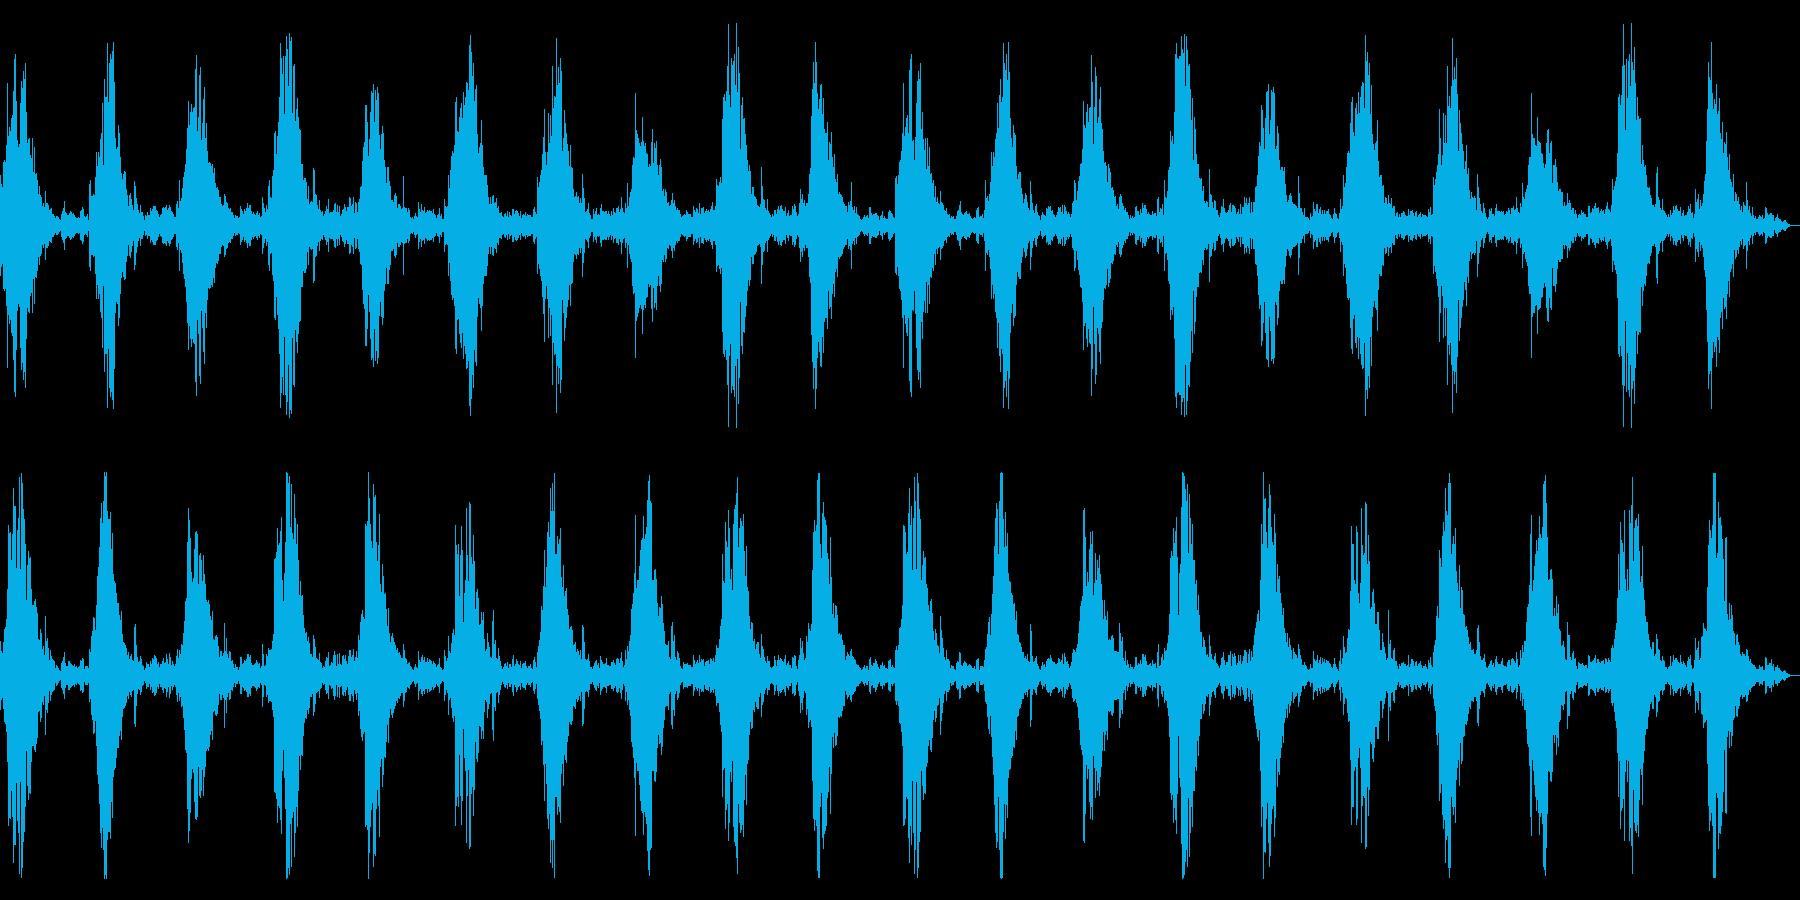 ダークアンビエント 闇、恐怖のシーン演出の再生済みの波形